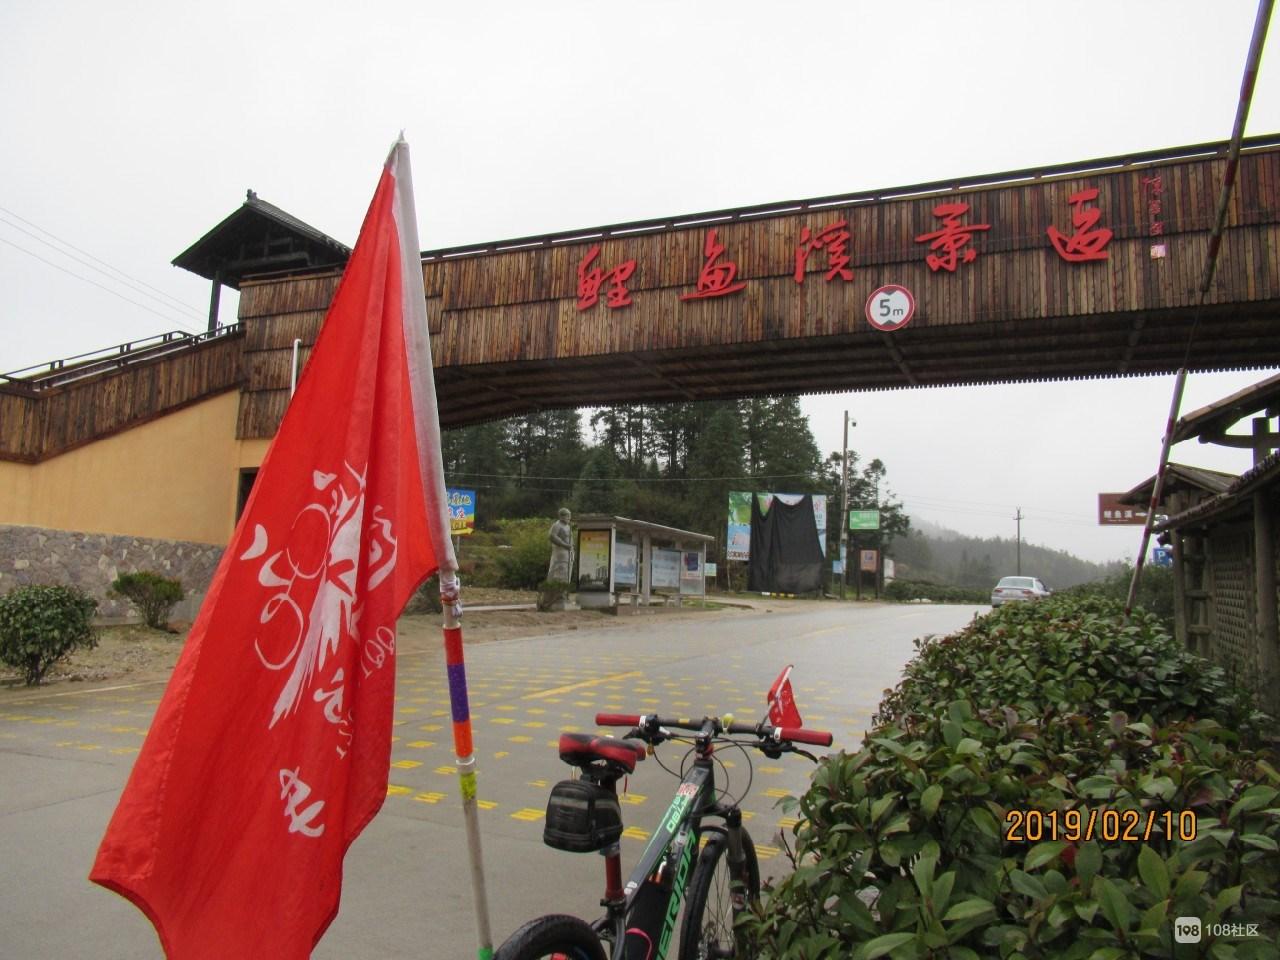 春节骑行计划大致总结